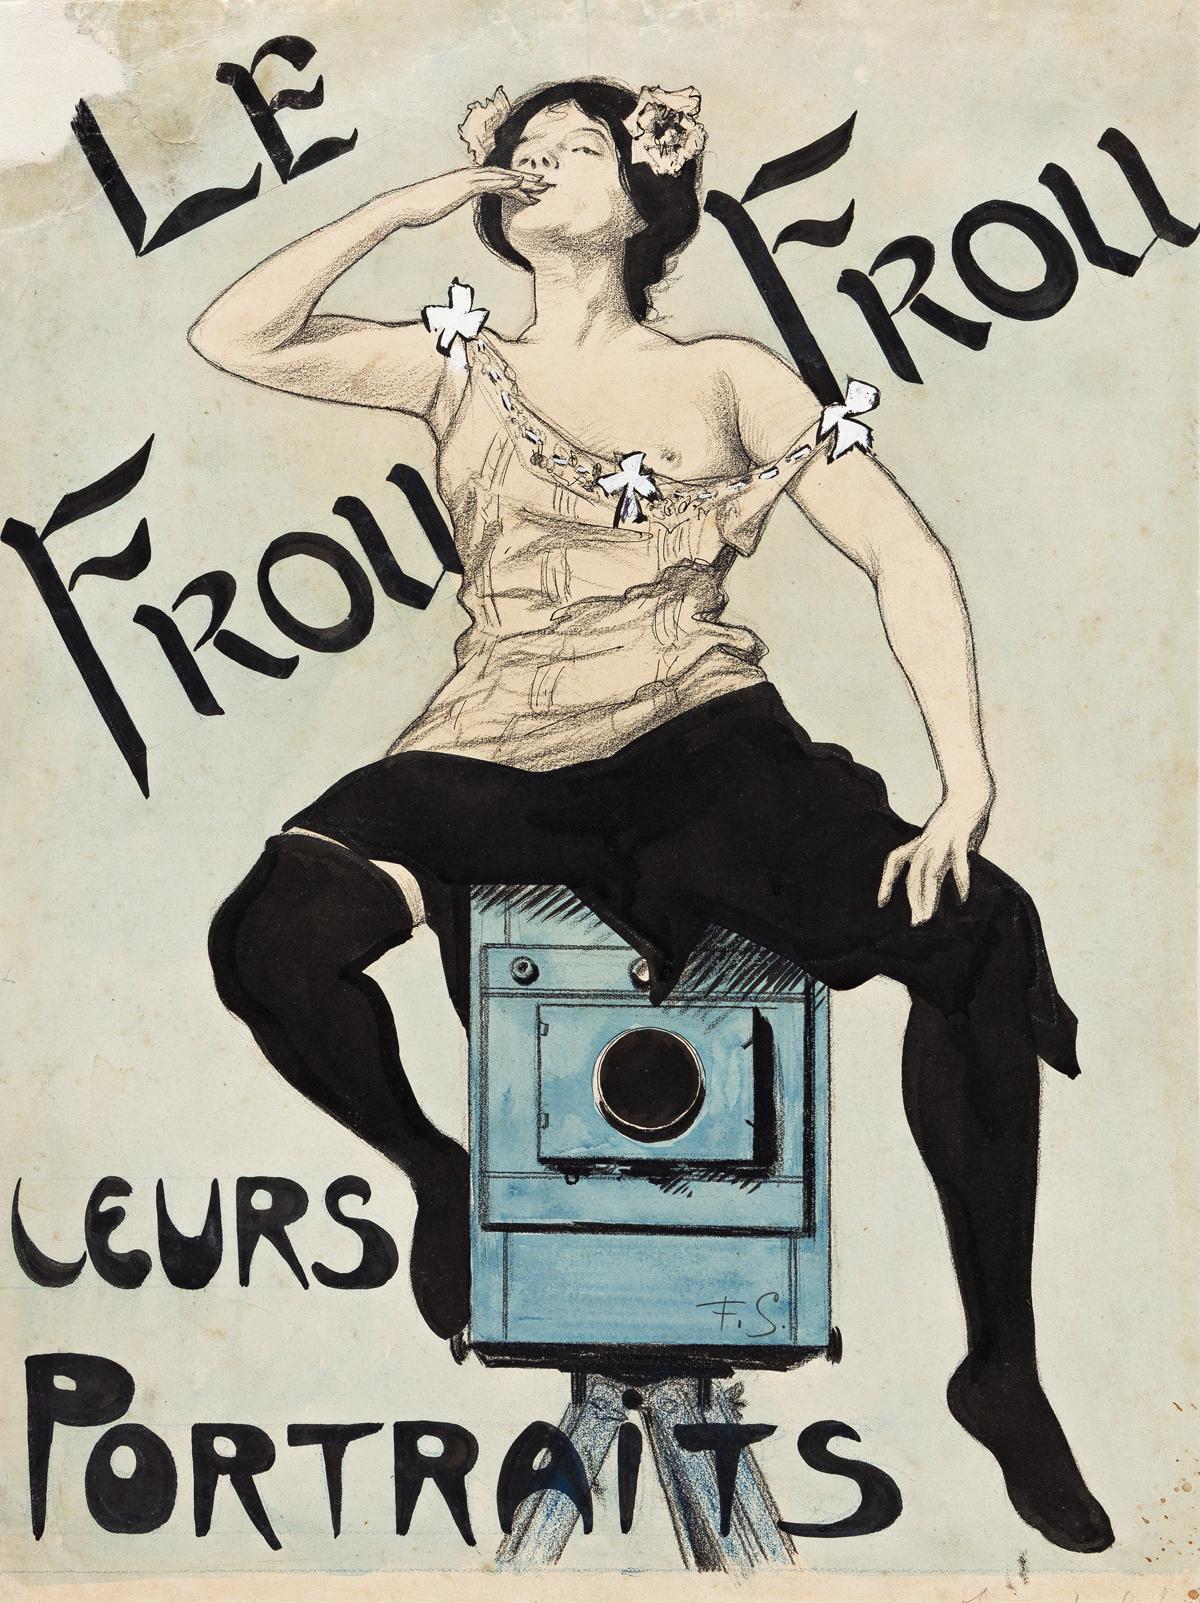 FERDINAND LOUIS GOTTLOB (1873-1935).  LE FROU FROU / LEURS PORTRAITS. Gouache maquette. 16x12 inches, 42x31 cm.